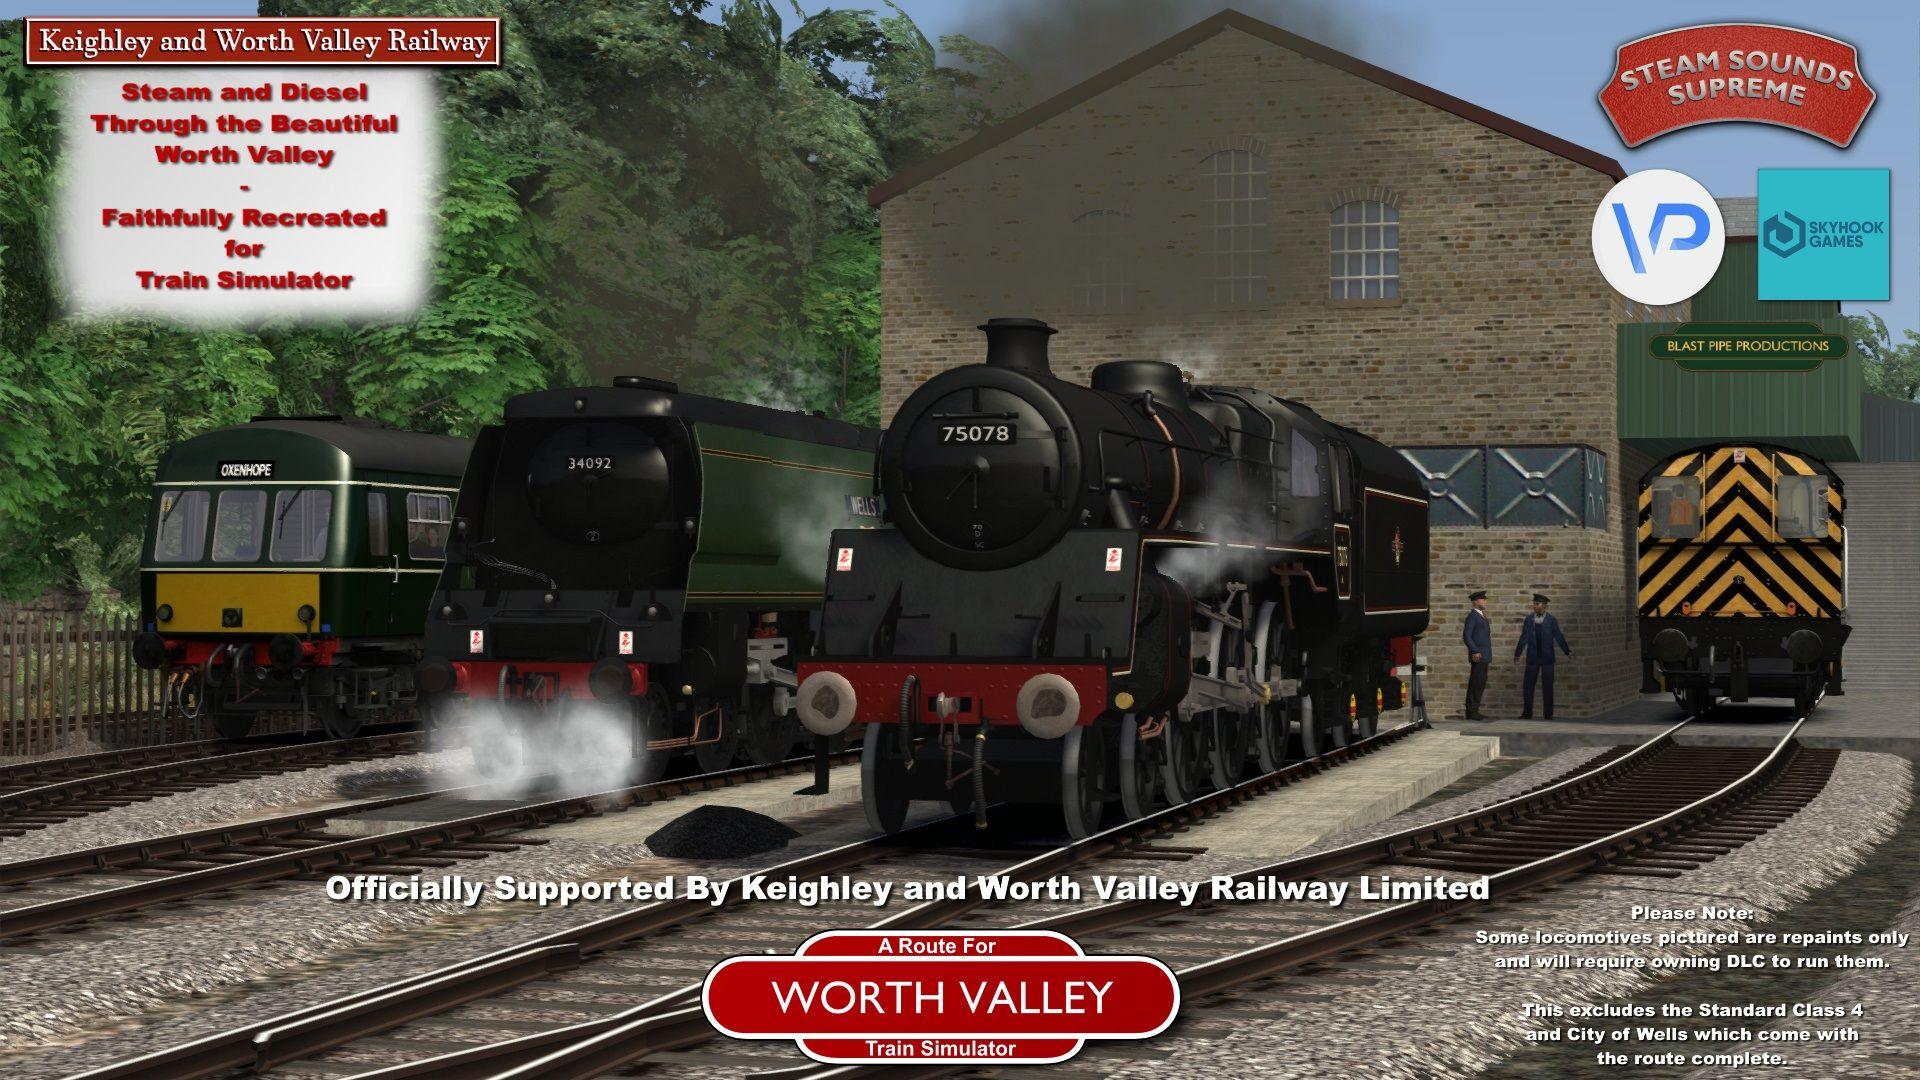 KWVR_Release01